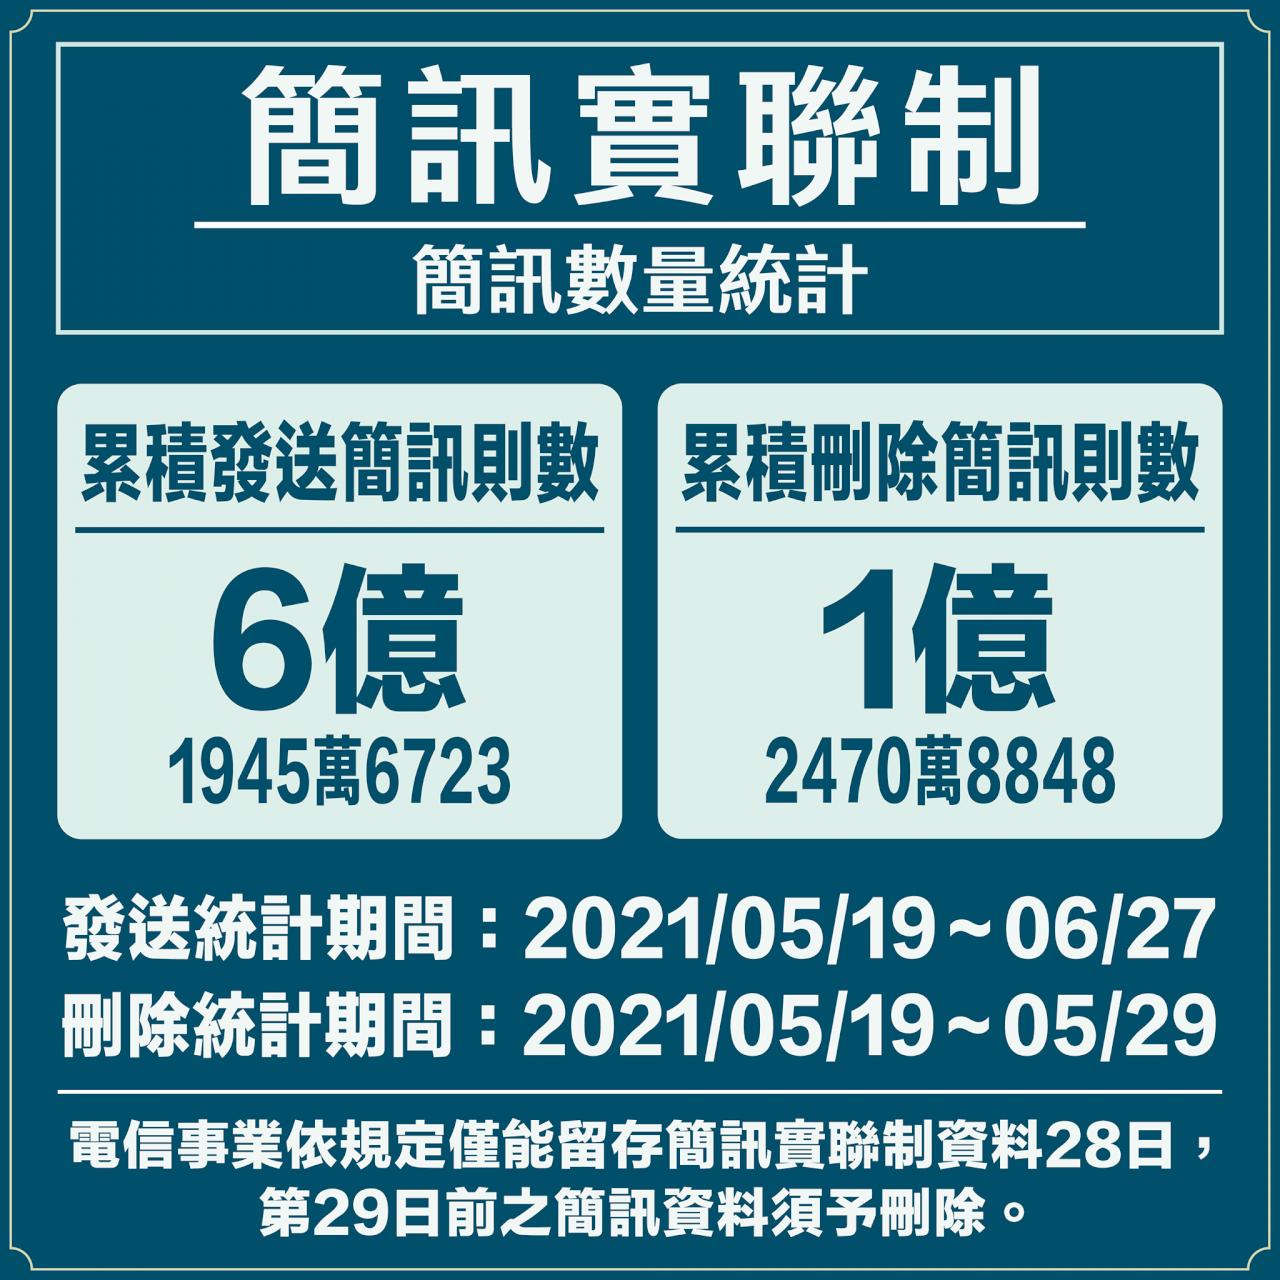 實聯制資料僅留28天  NCC:已刪逾1.24億則